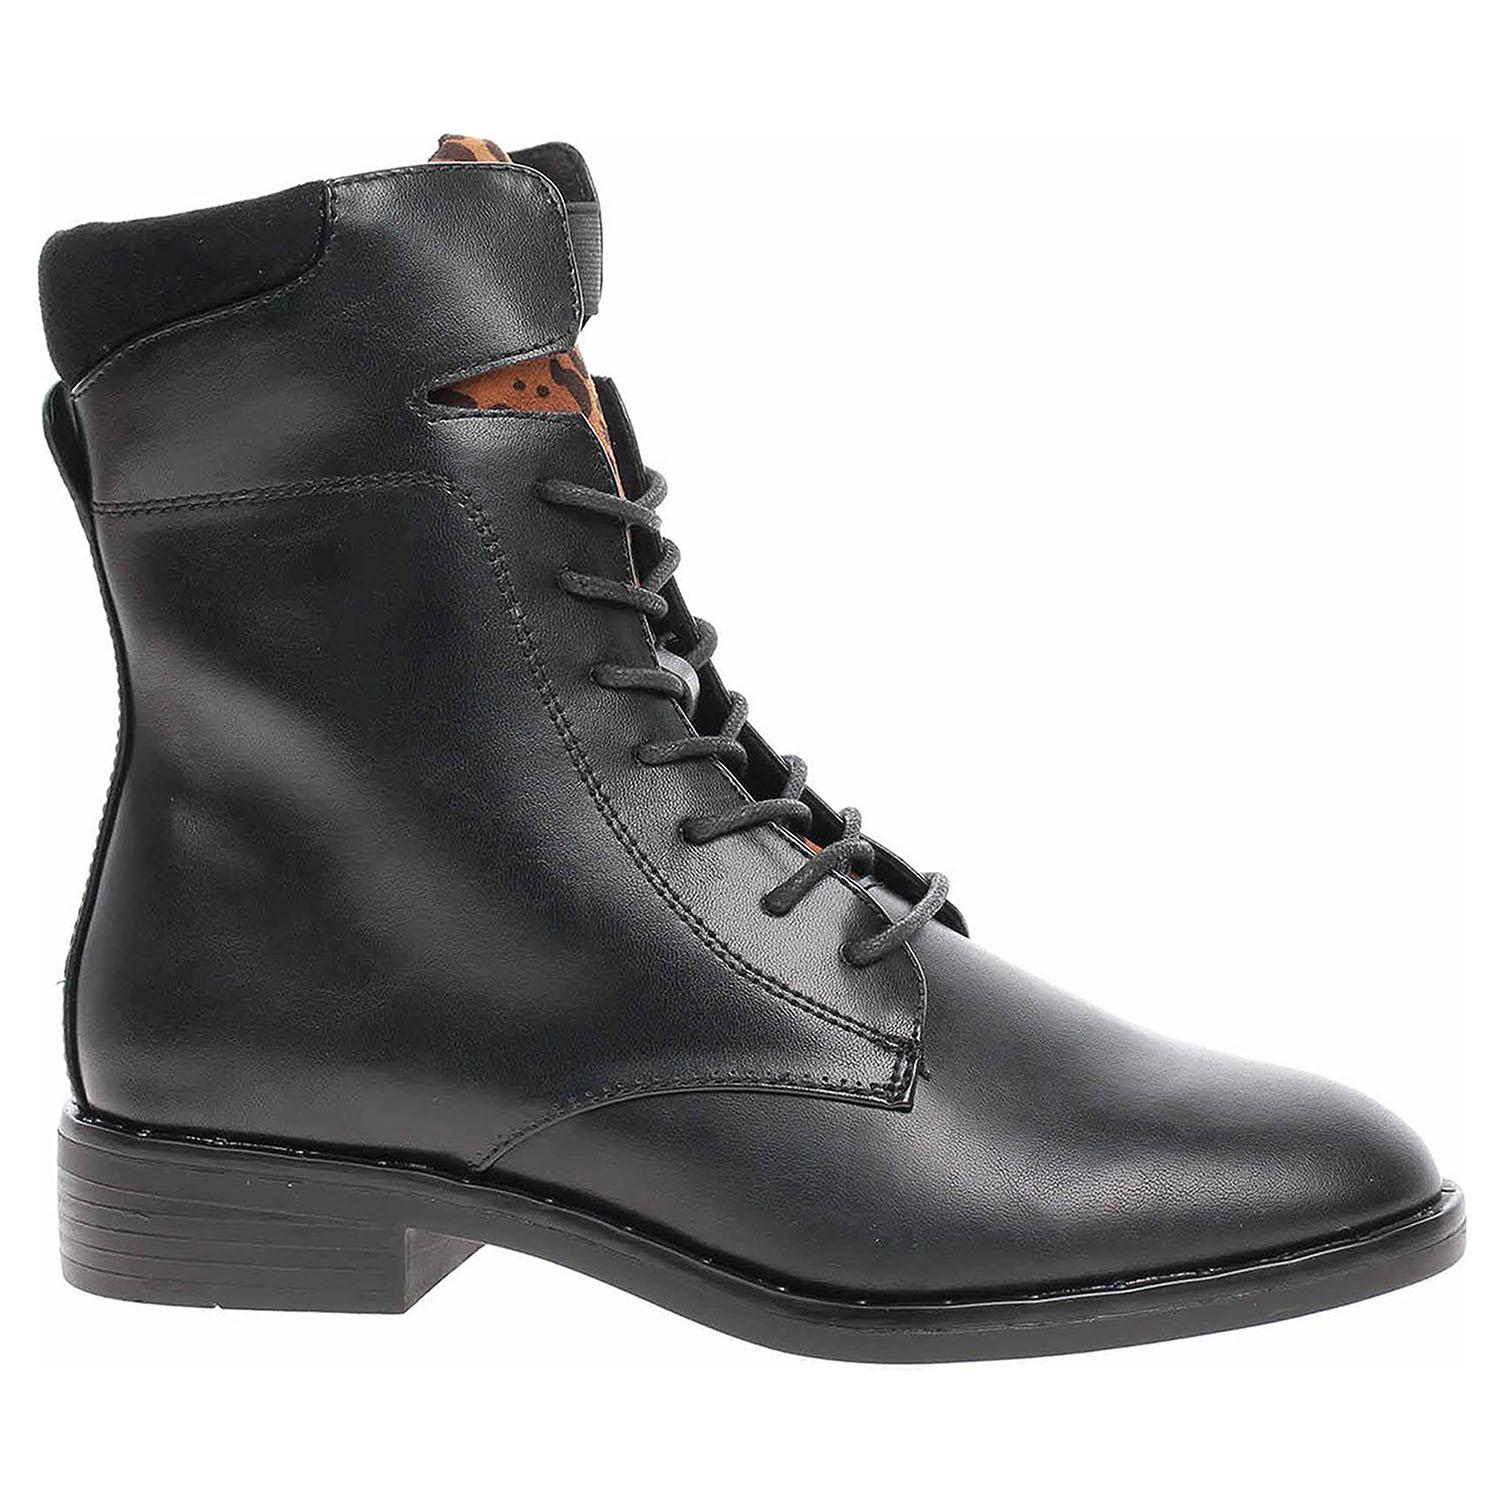 Dámská kotníková obuv s.Oliver 5-25107-23 black 5-5-25107-23 001 39